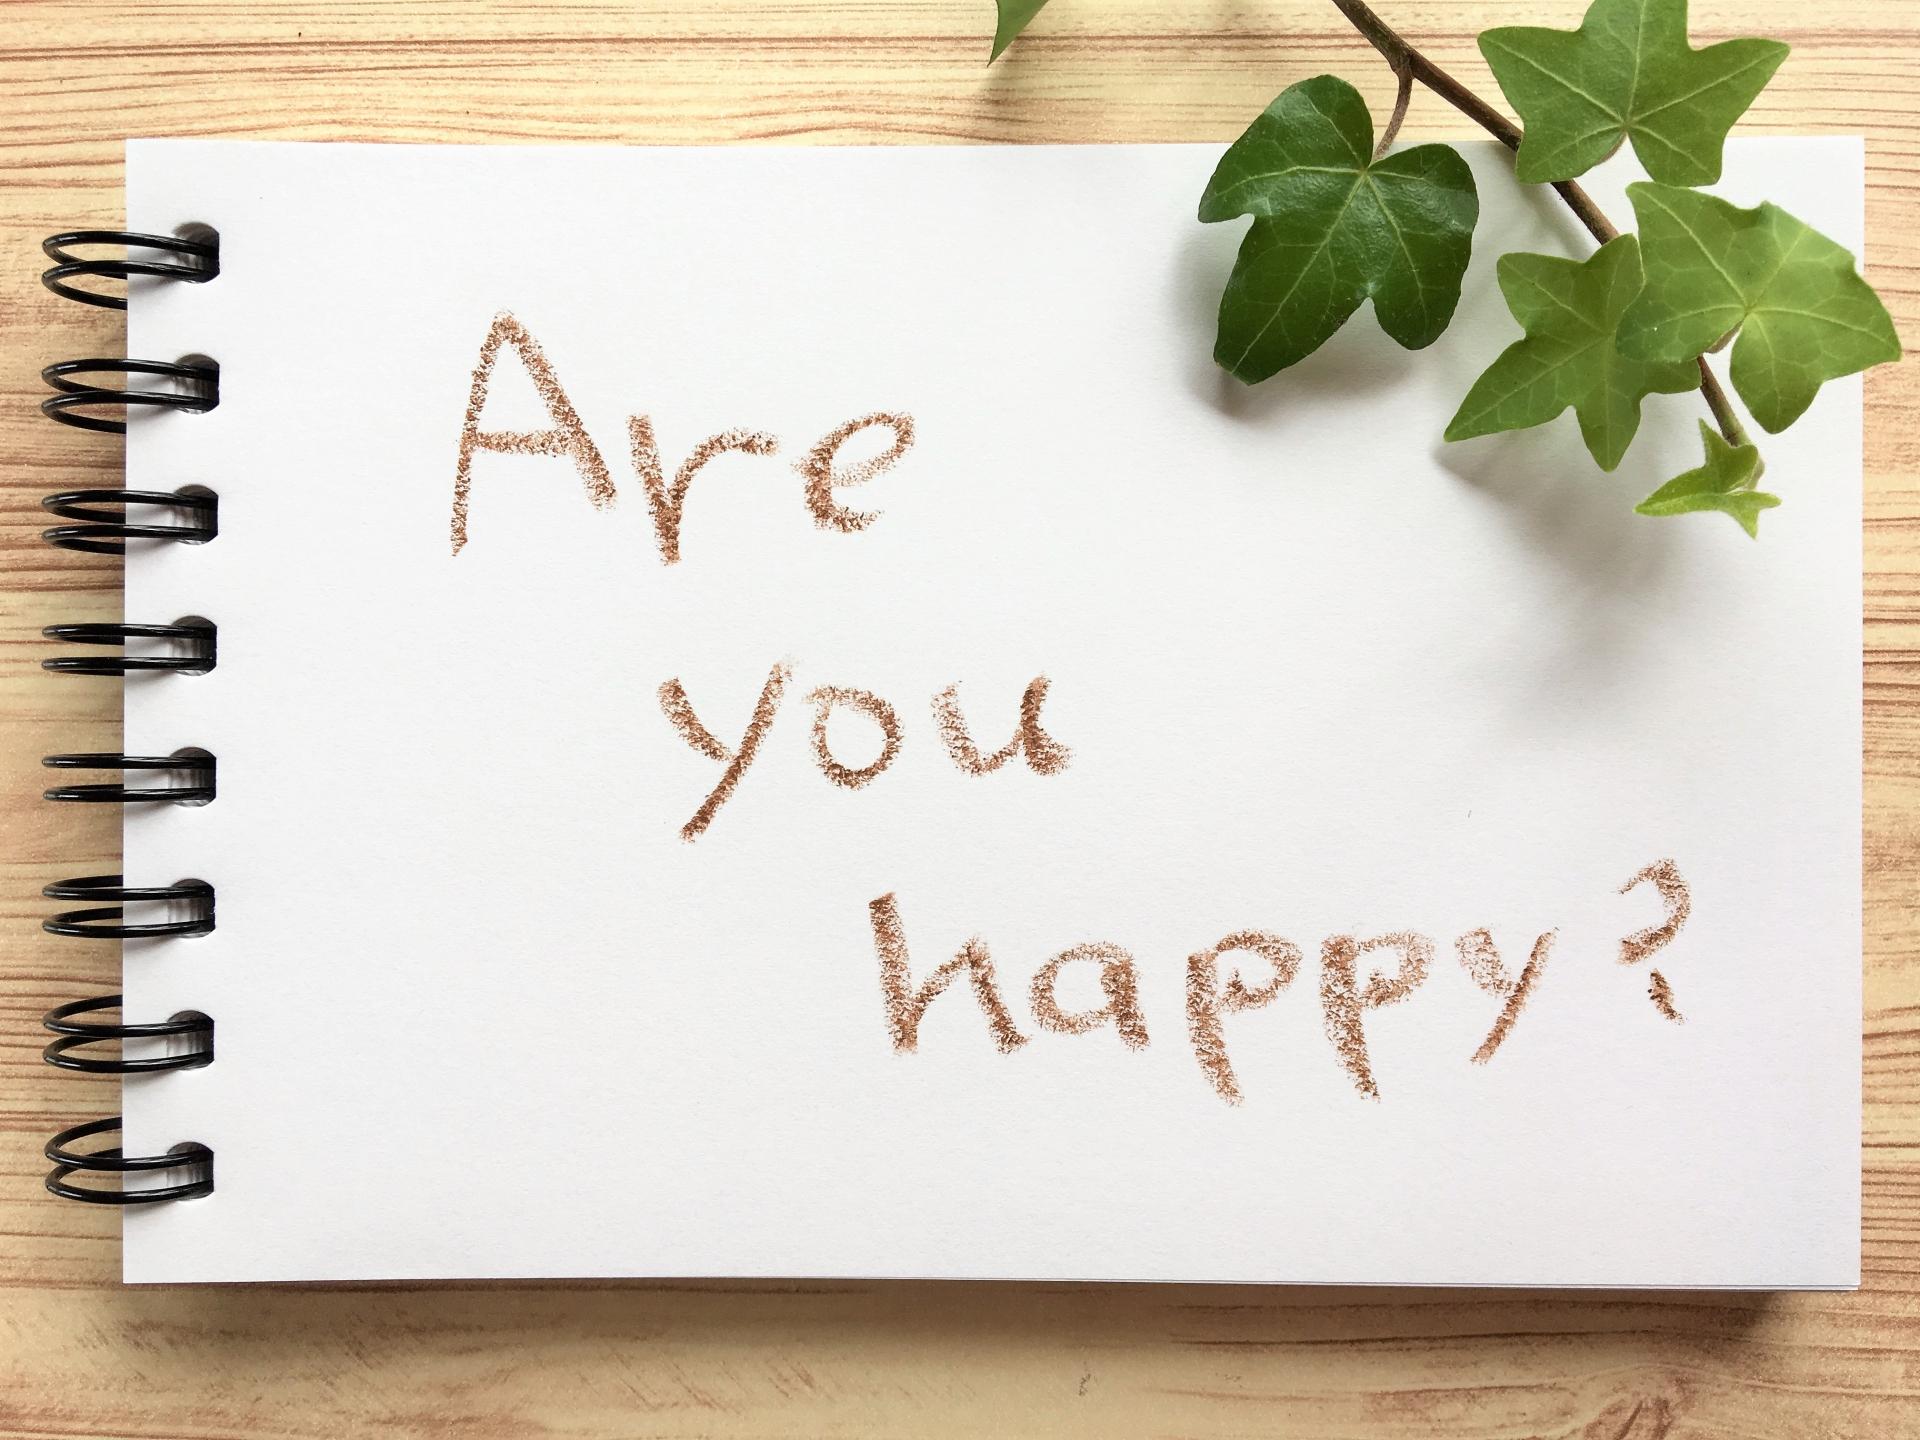 自分軸で生きると幸せになる②